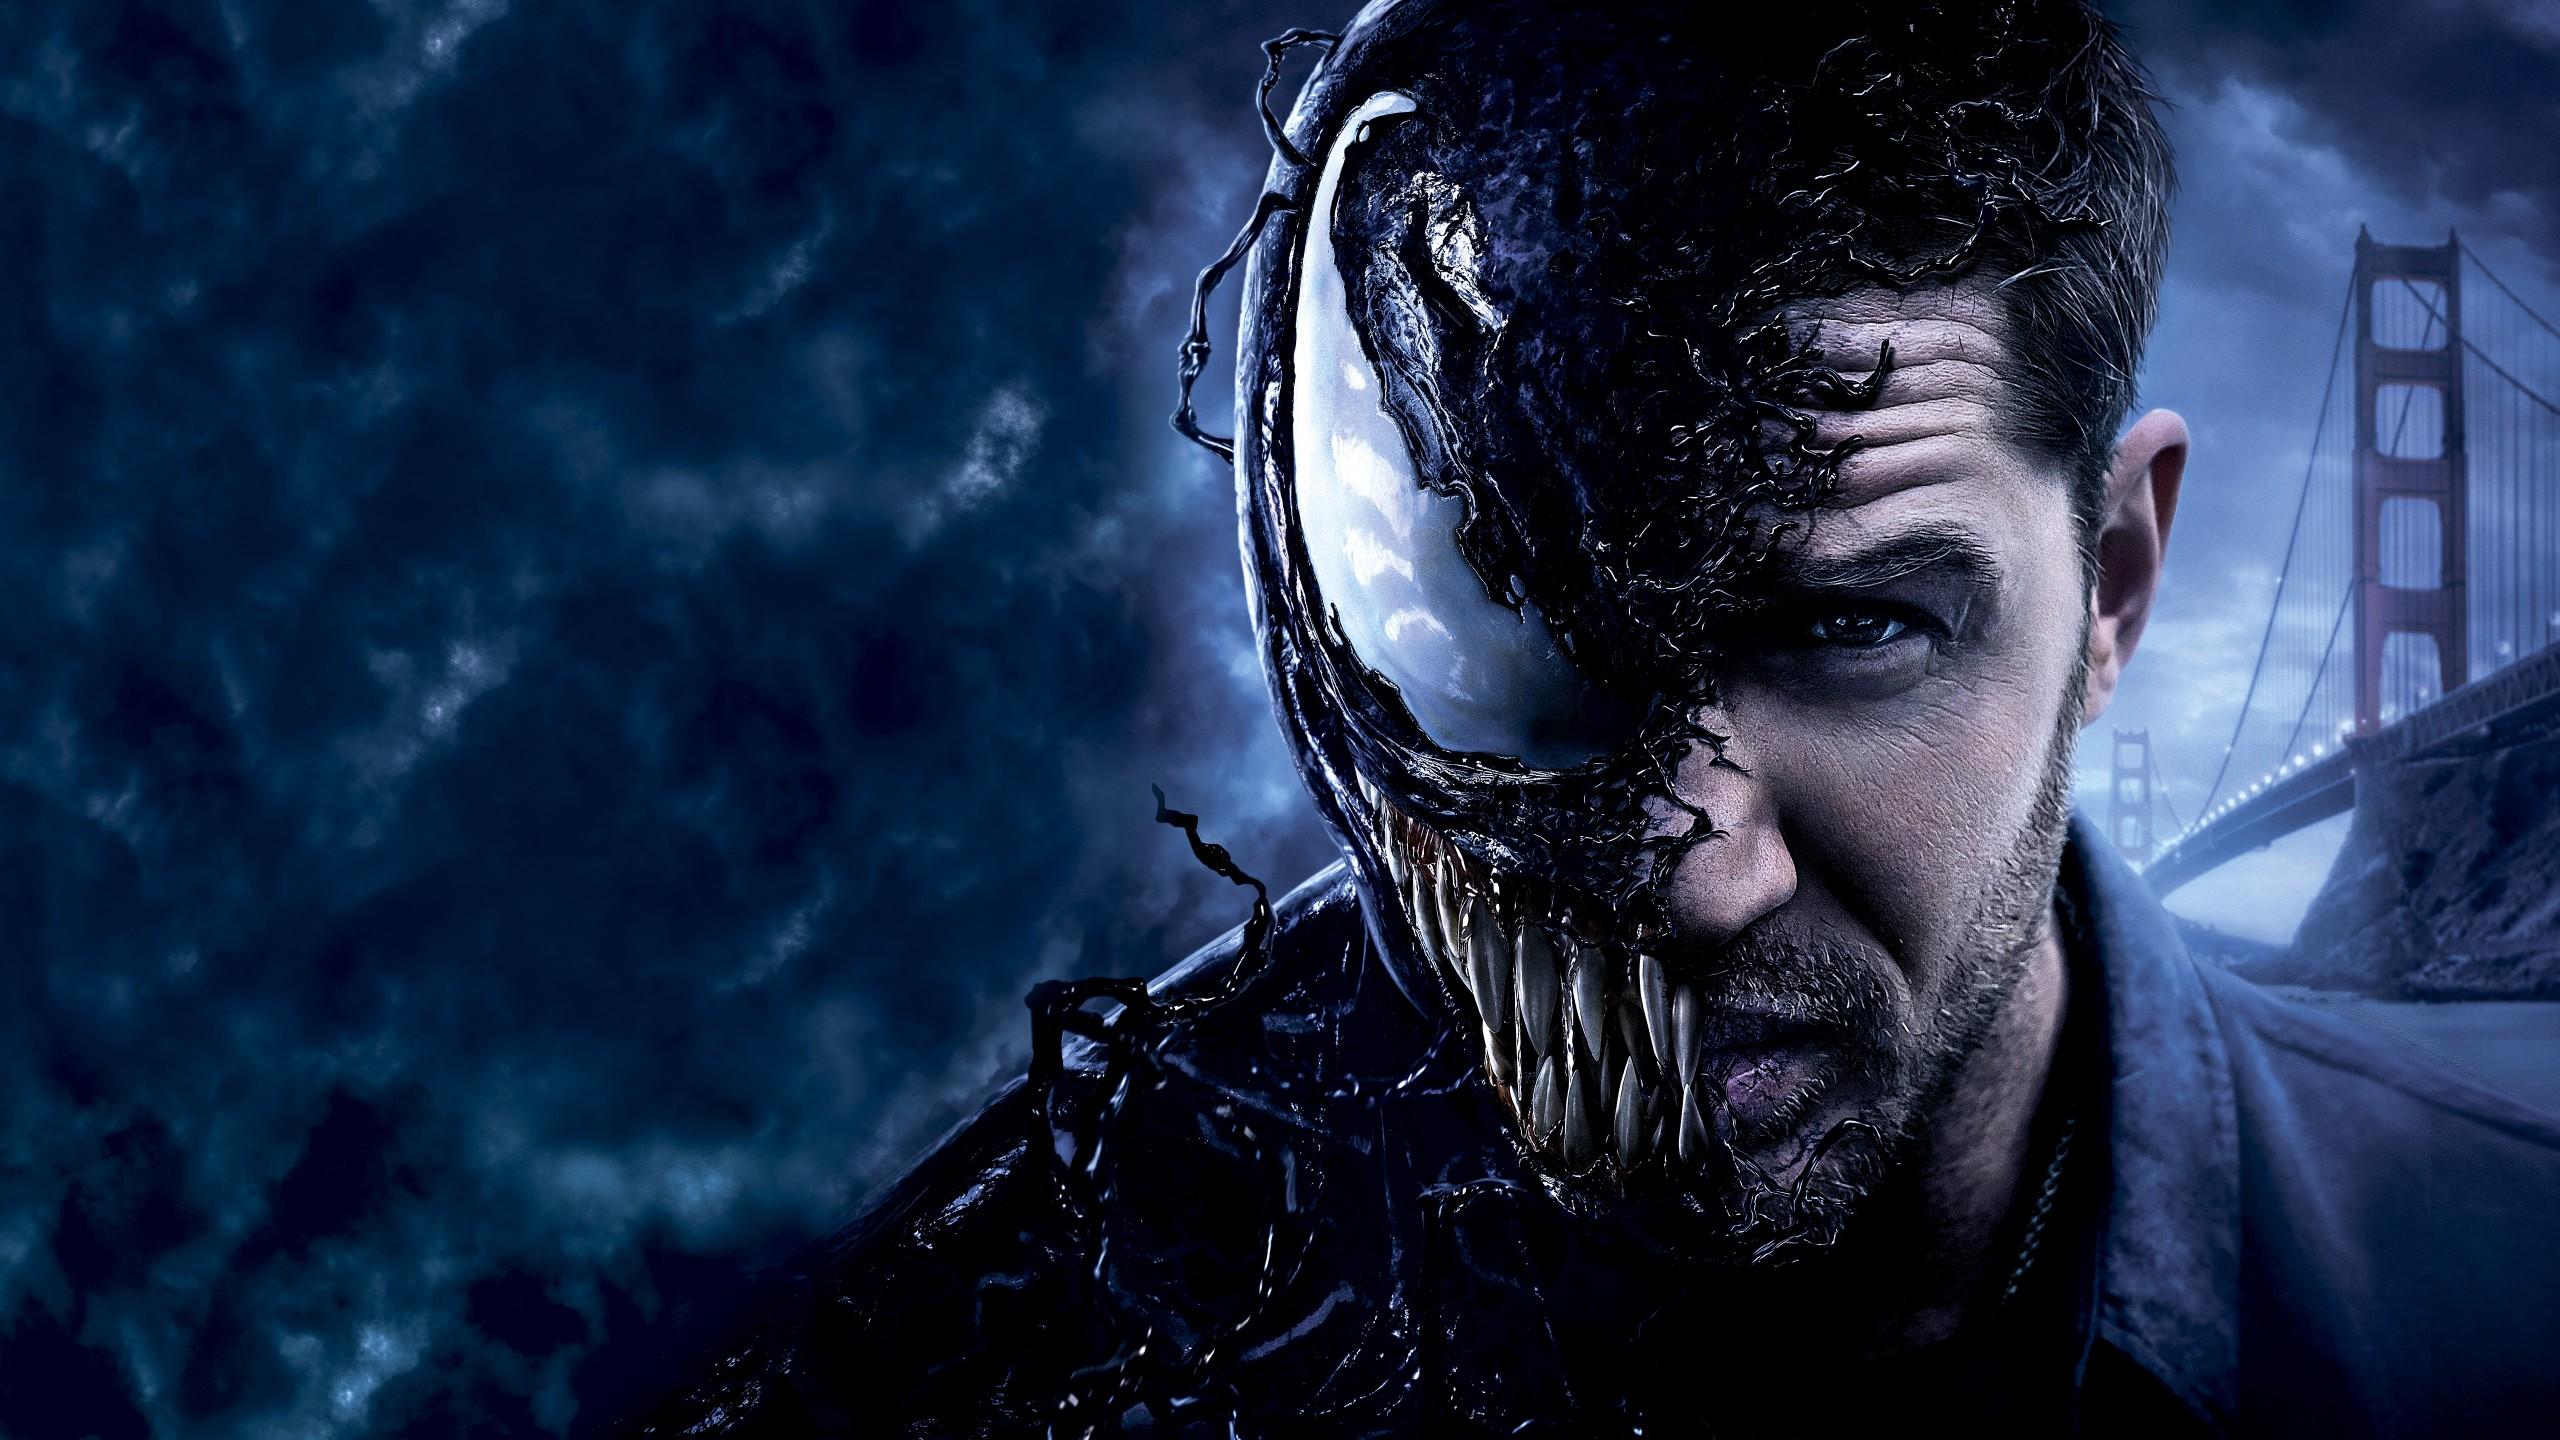 3d Thor Ragnarok Android Wallpaper Venom 4k 8k Wallpapers Hd Wallpapers Id 25551